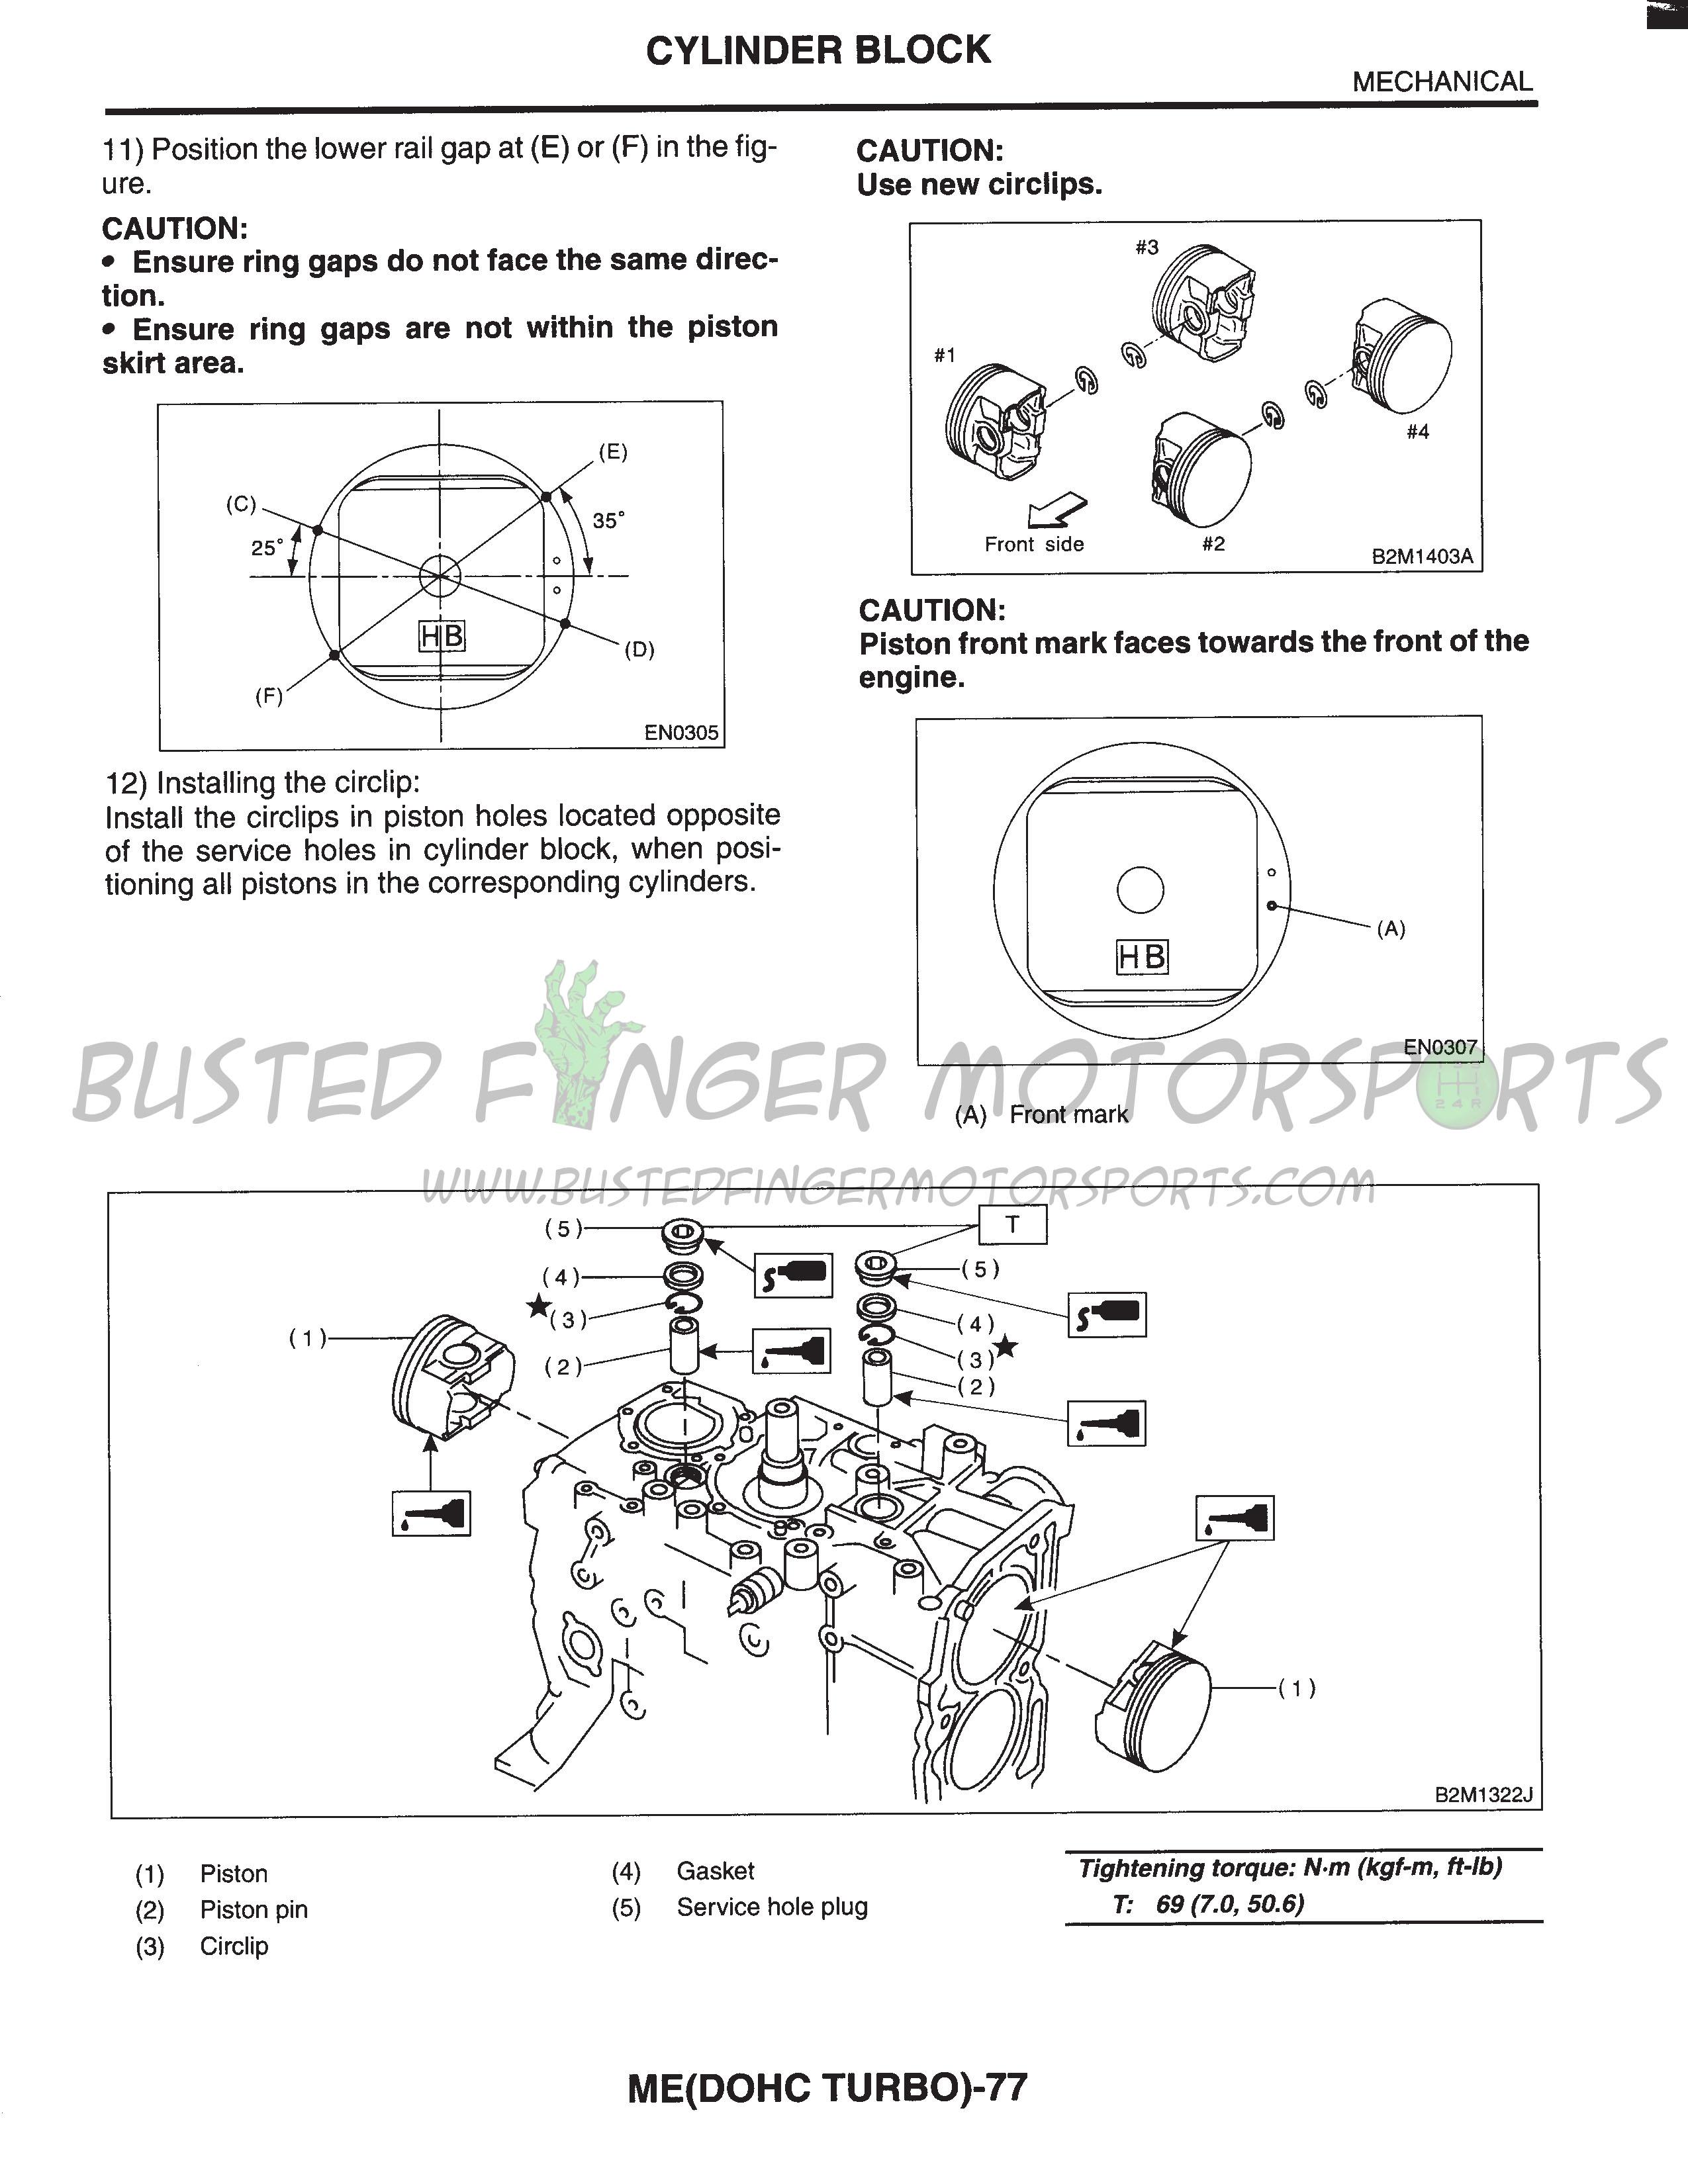 Ej205 Engine Diagram Data Schema Ej25 Wiring Harness Control Module Cooling System Head